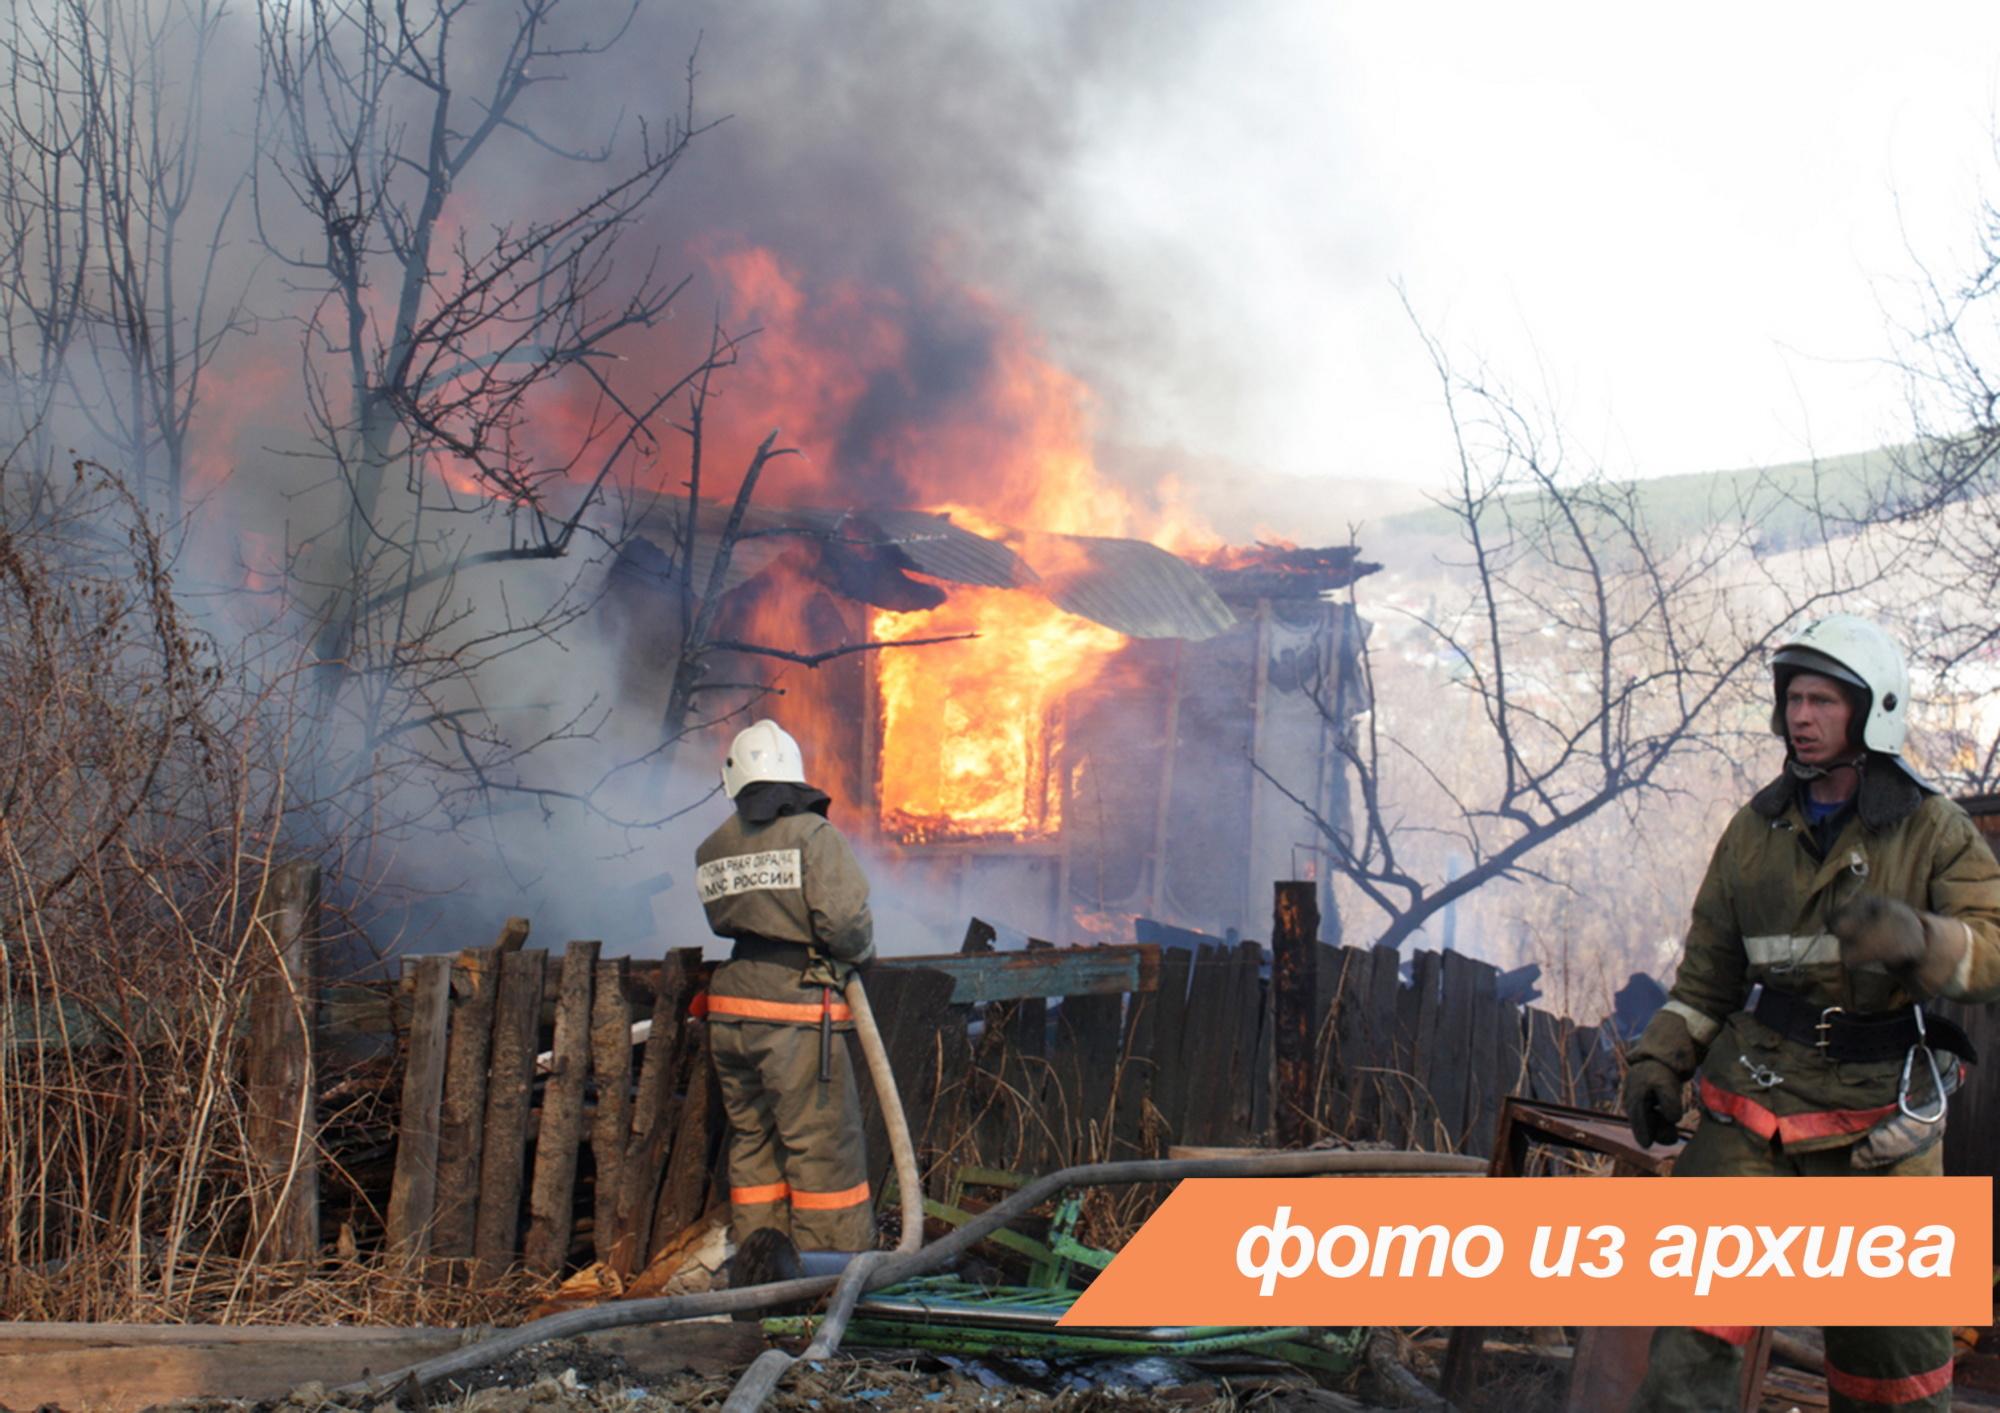 Пожарно-спасательное подразделение Ленинградской области ликвидировало пожар в Тосненский районе